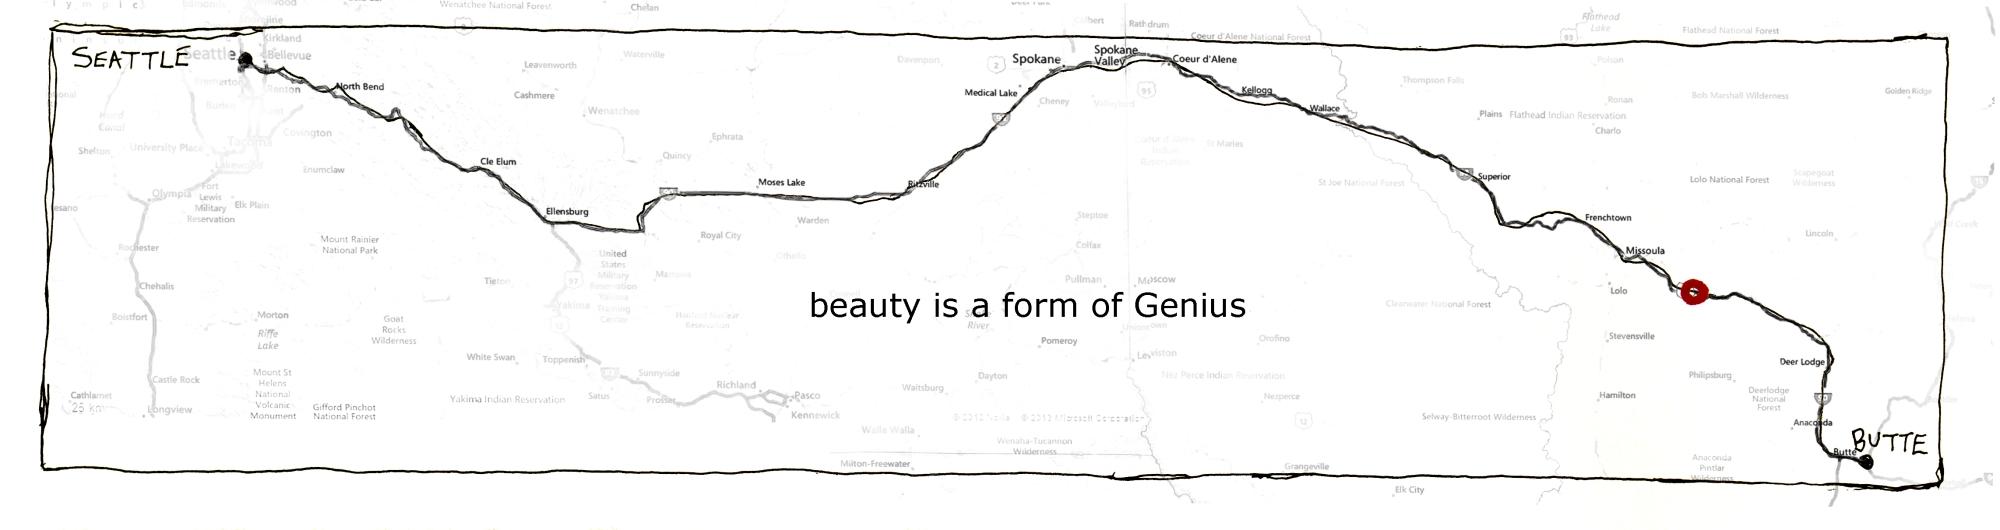 412 map